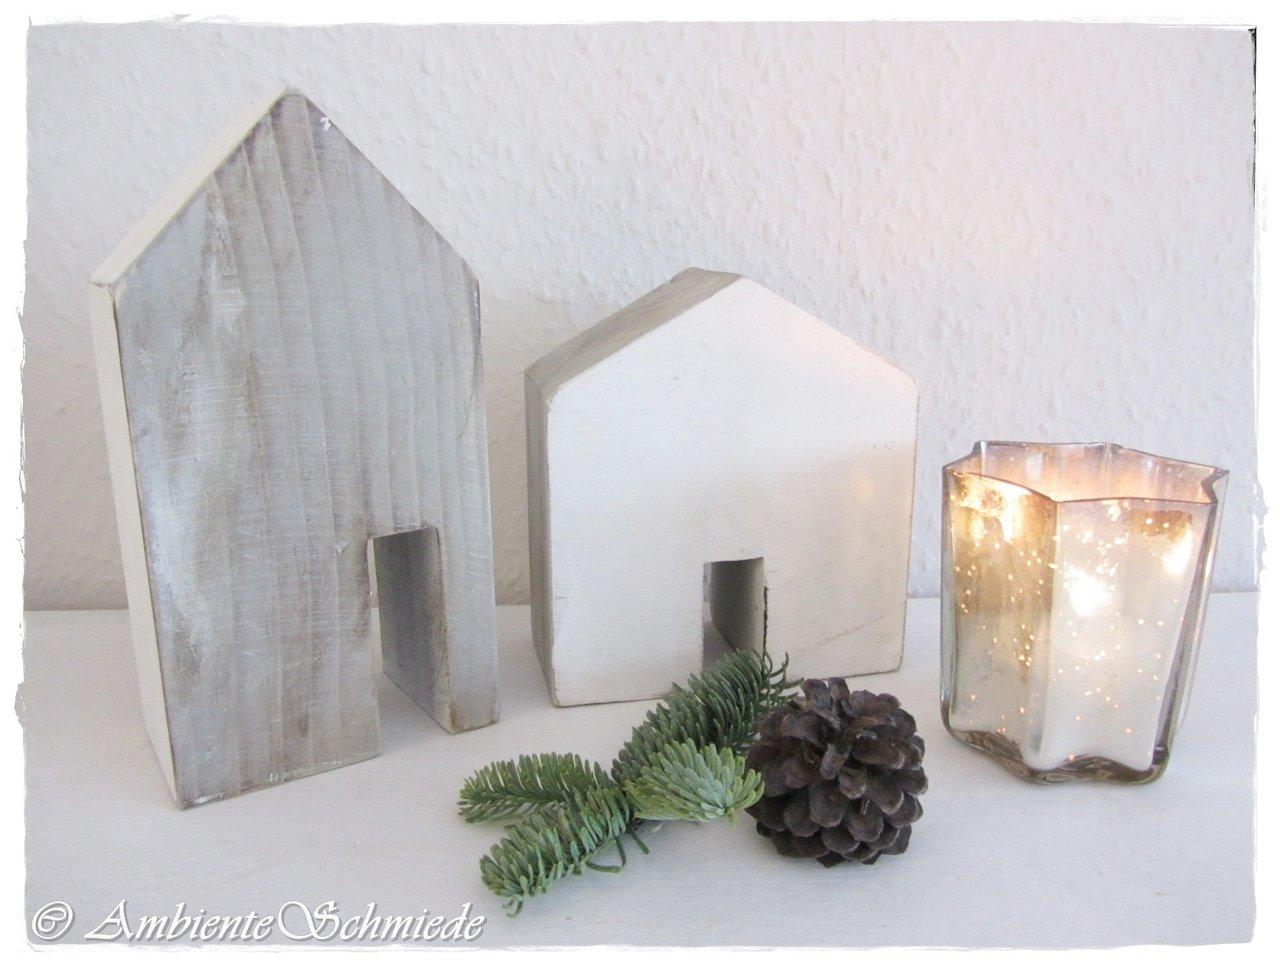 holz haus haus fassade h user kulisse lichterhaus 2 tlg deko weihnachten skandi ambienteschmiede. Black Bedroom Furniture Sets. Home Design Ideas